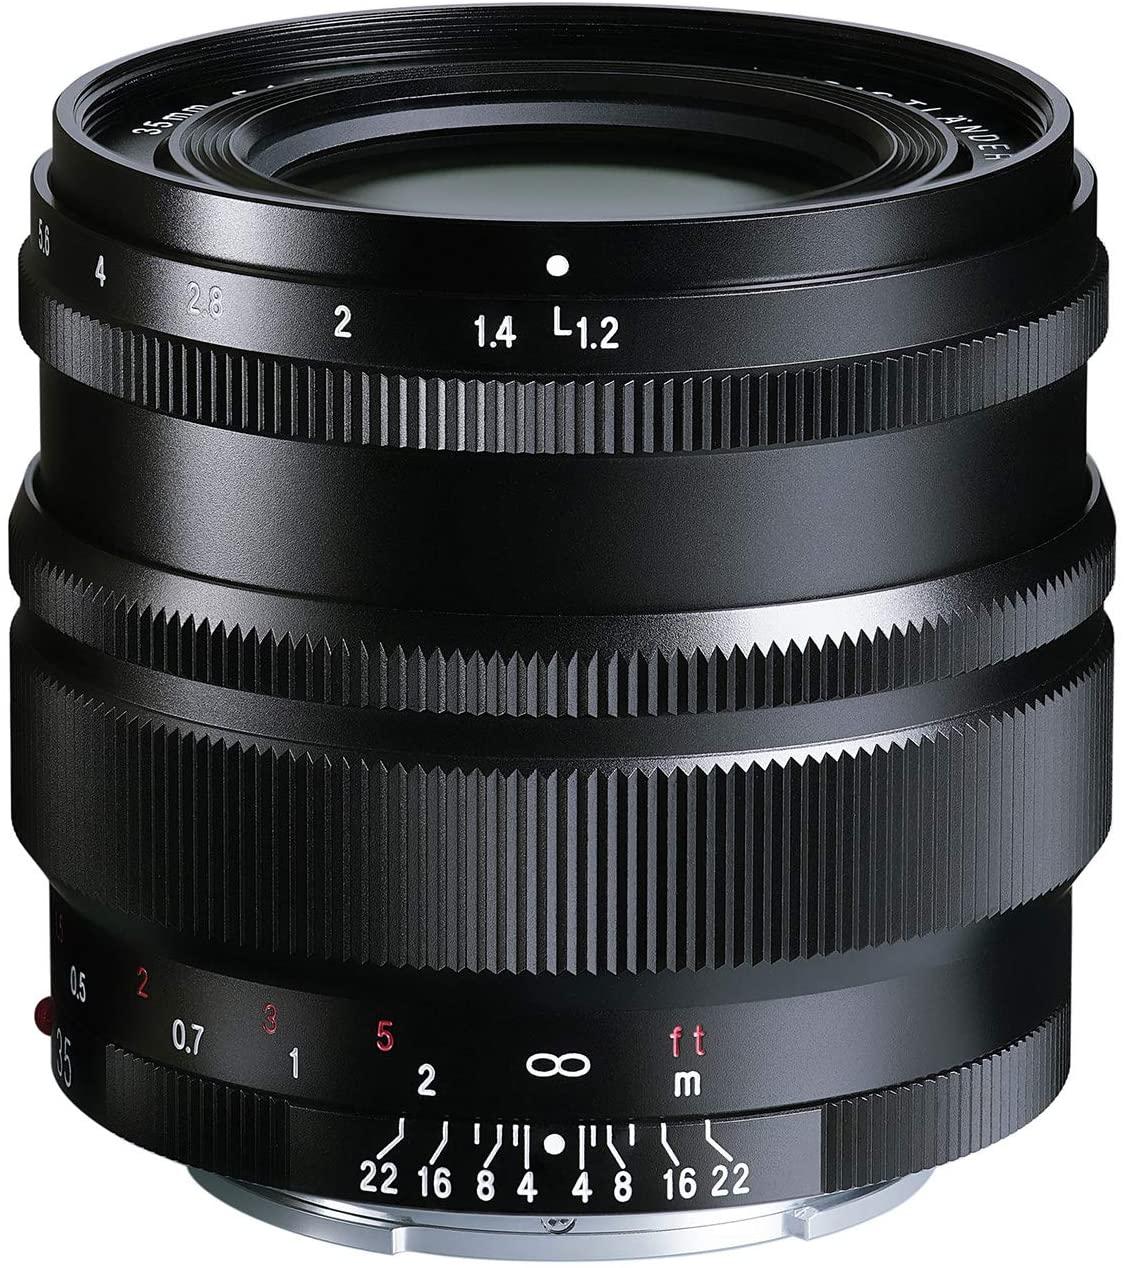 Voigtlander-35mm-f1.2.jpg